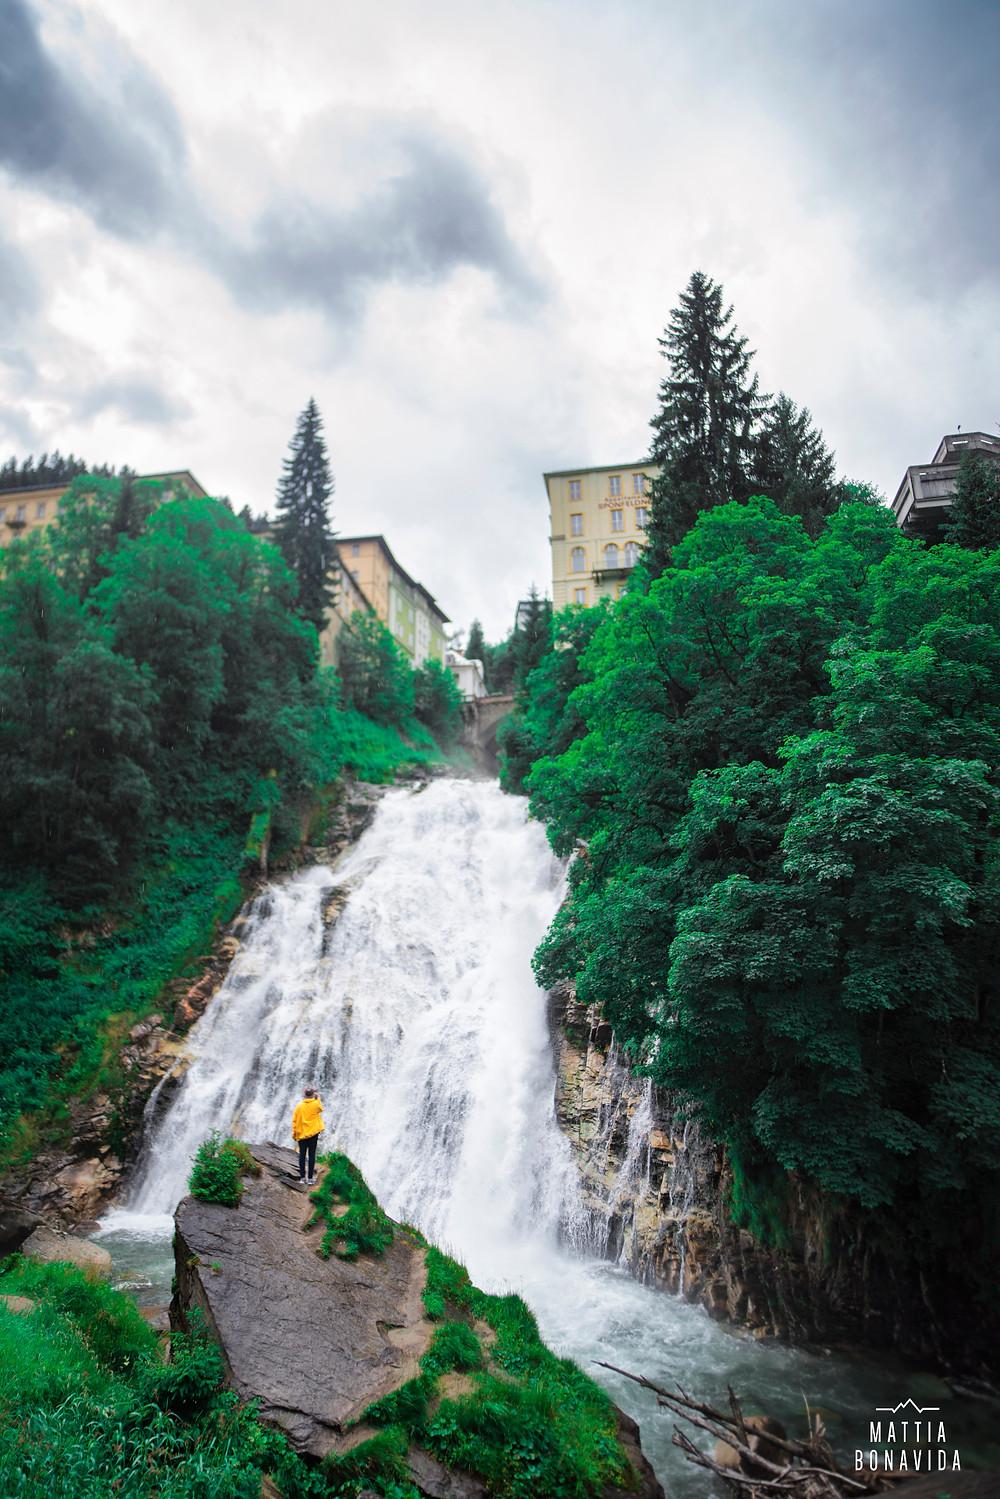 La spettacolare cascata che si trova al centro del paese di Bad Gastein, che si può ammirare anche dall'alto provando la ''Flying Fox''